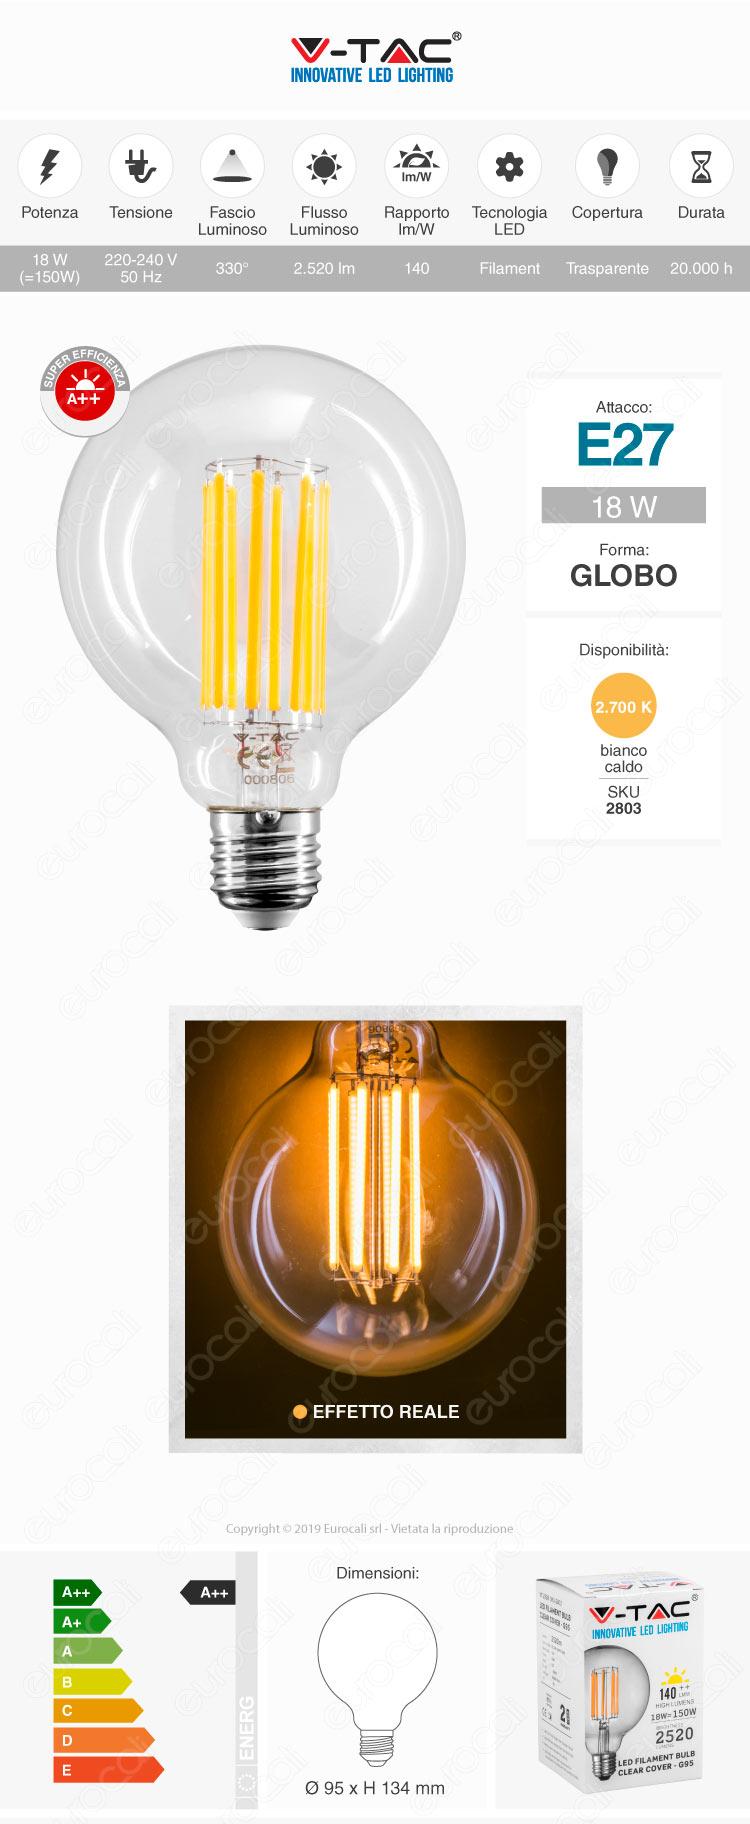 V-Tac VT-2338 Lampadina LED E27 G95